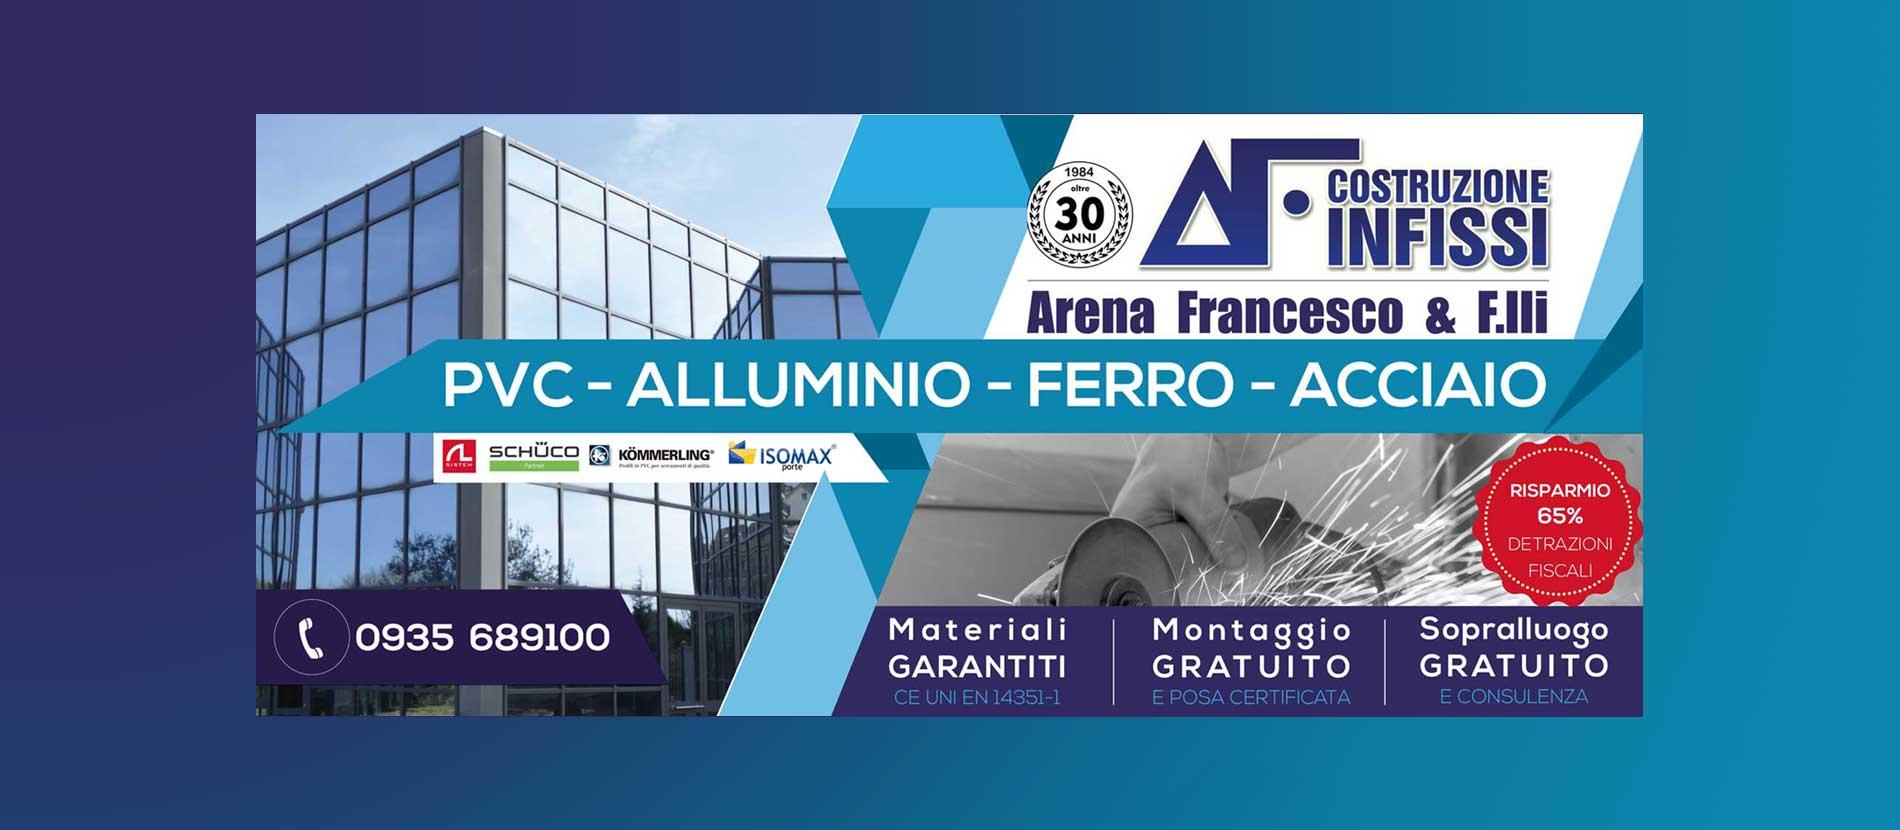 arena costruzione infissi piazza armerina enna sicilia